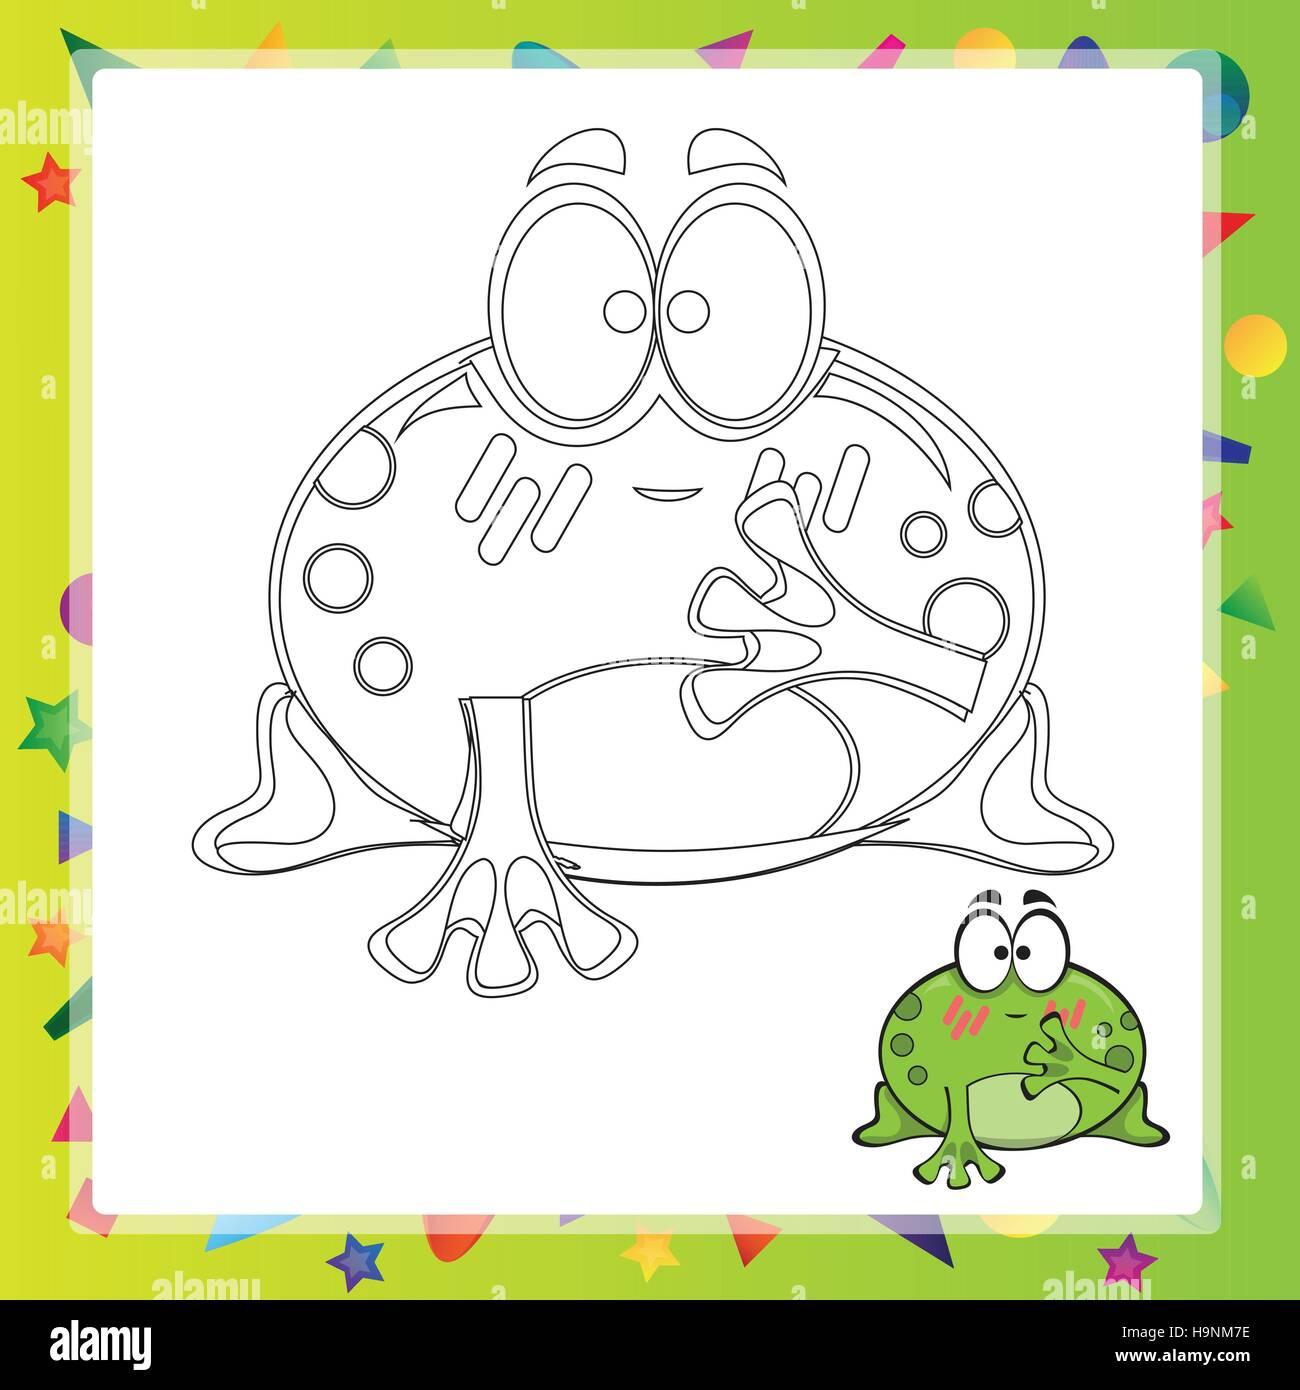 Großzügig Malbuch Frosch Ideen - Druckbare Malvorlagen - amaichi.info